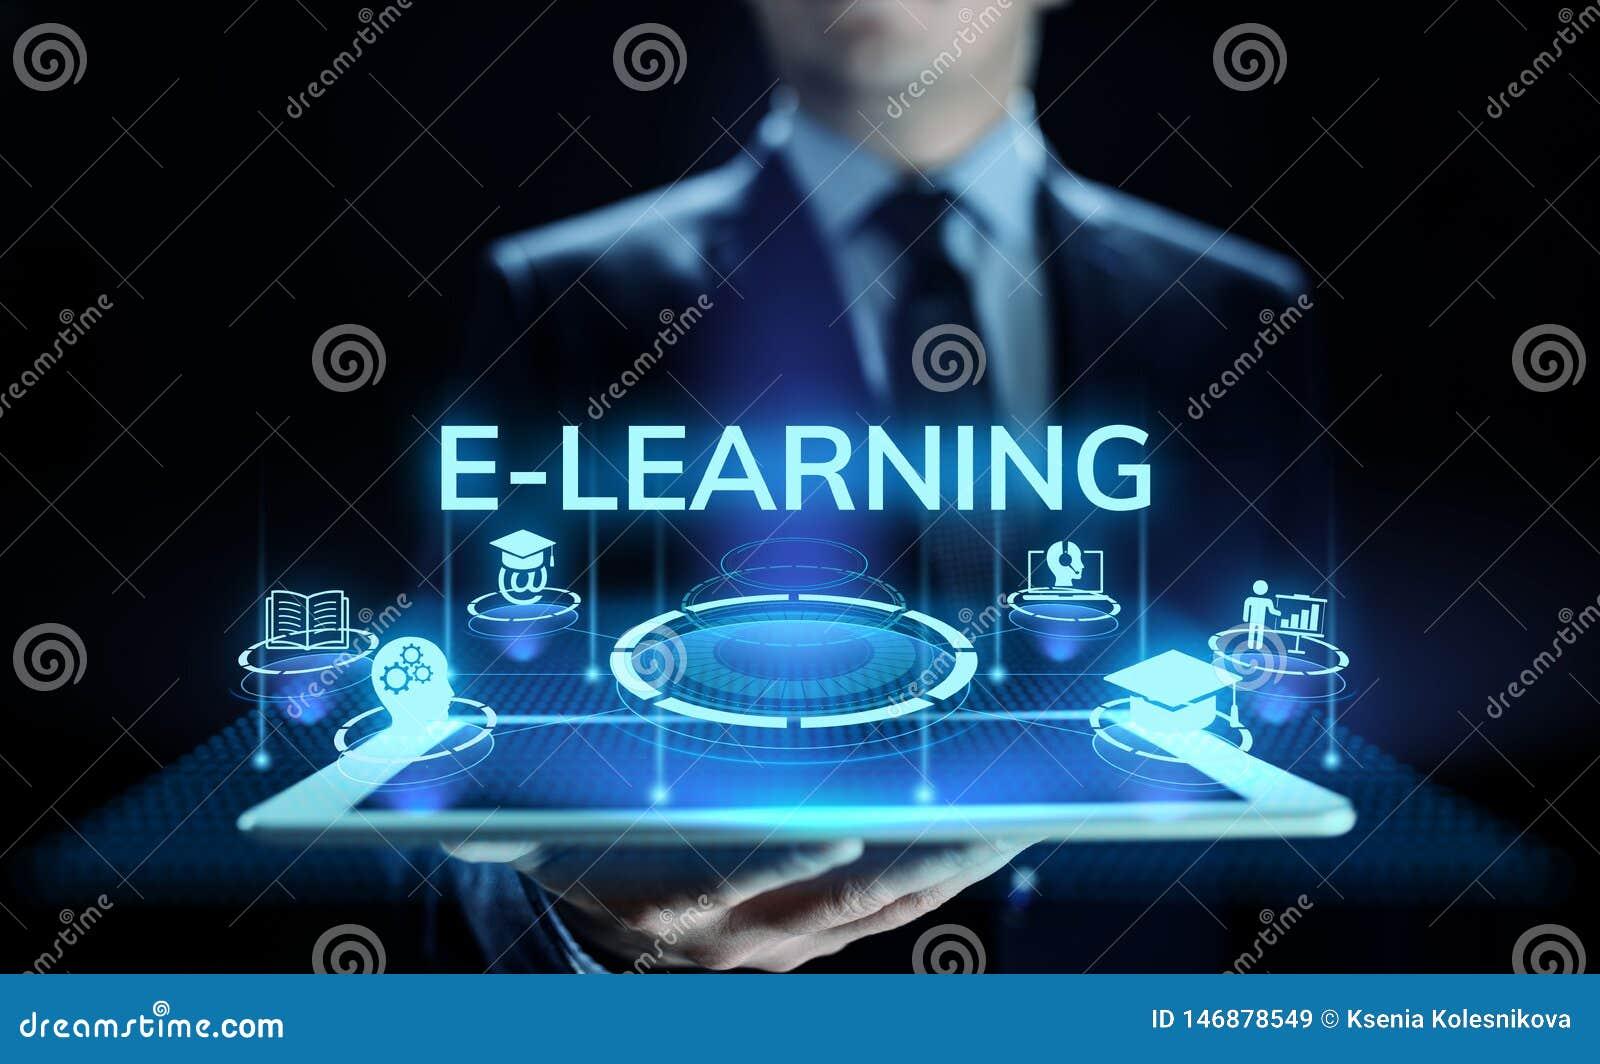 Казино в интернете обучение казино вулкан на весь экран